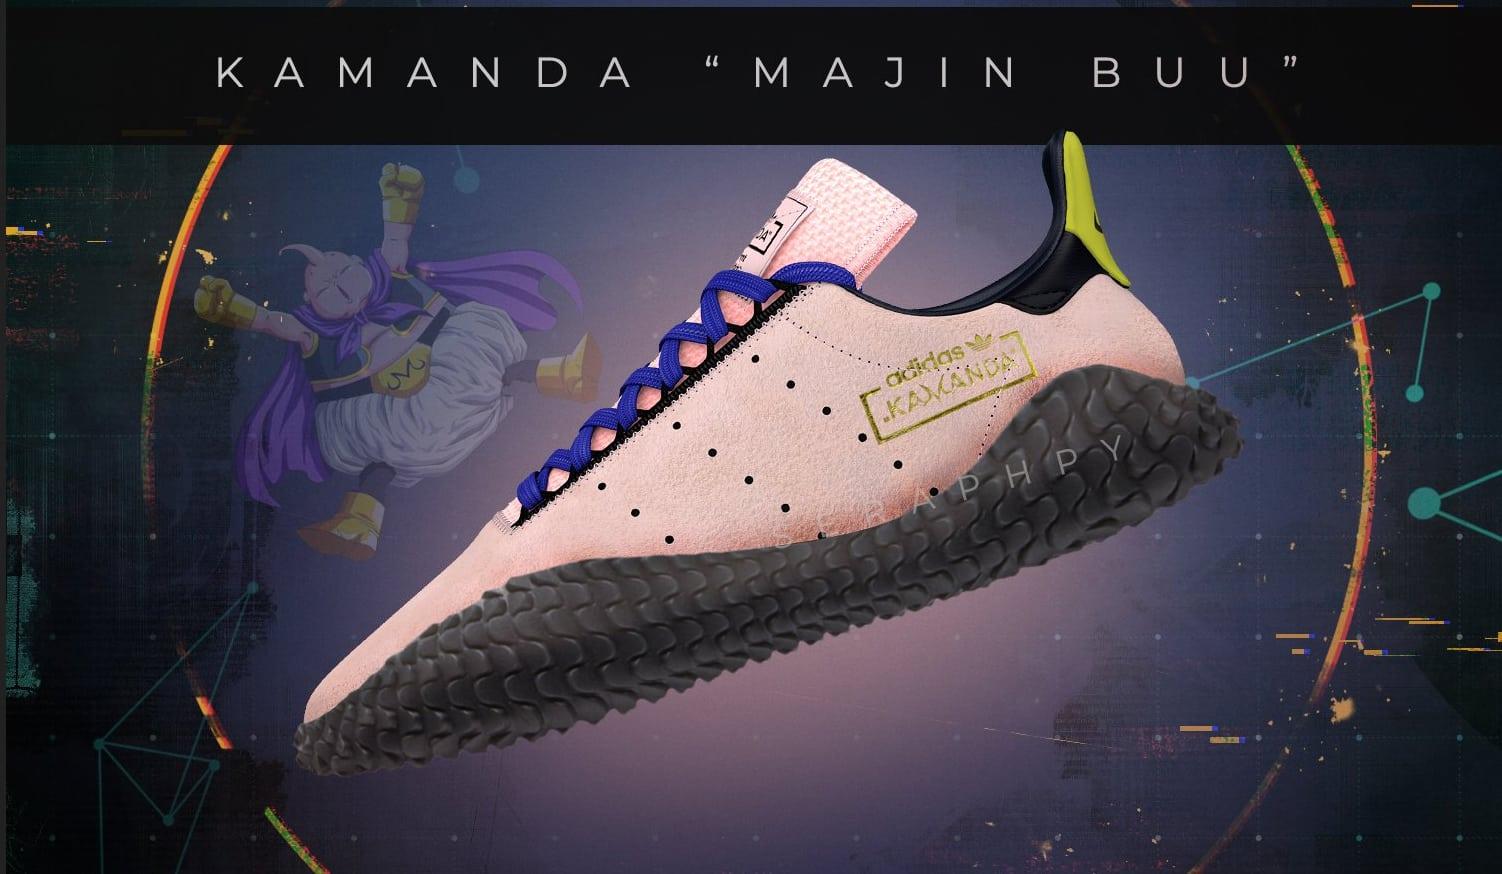 Dragon Ball Z x adidas Kamanda Majin Buu